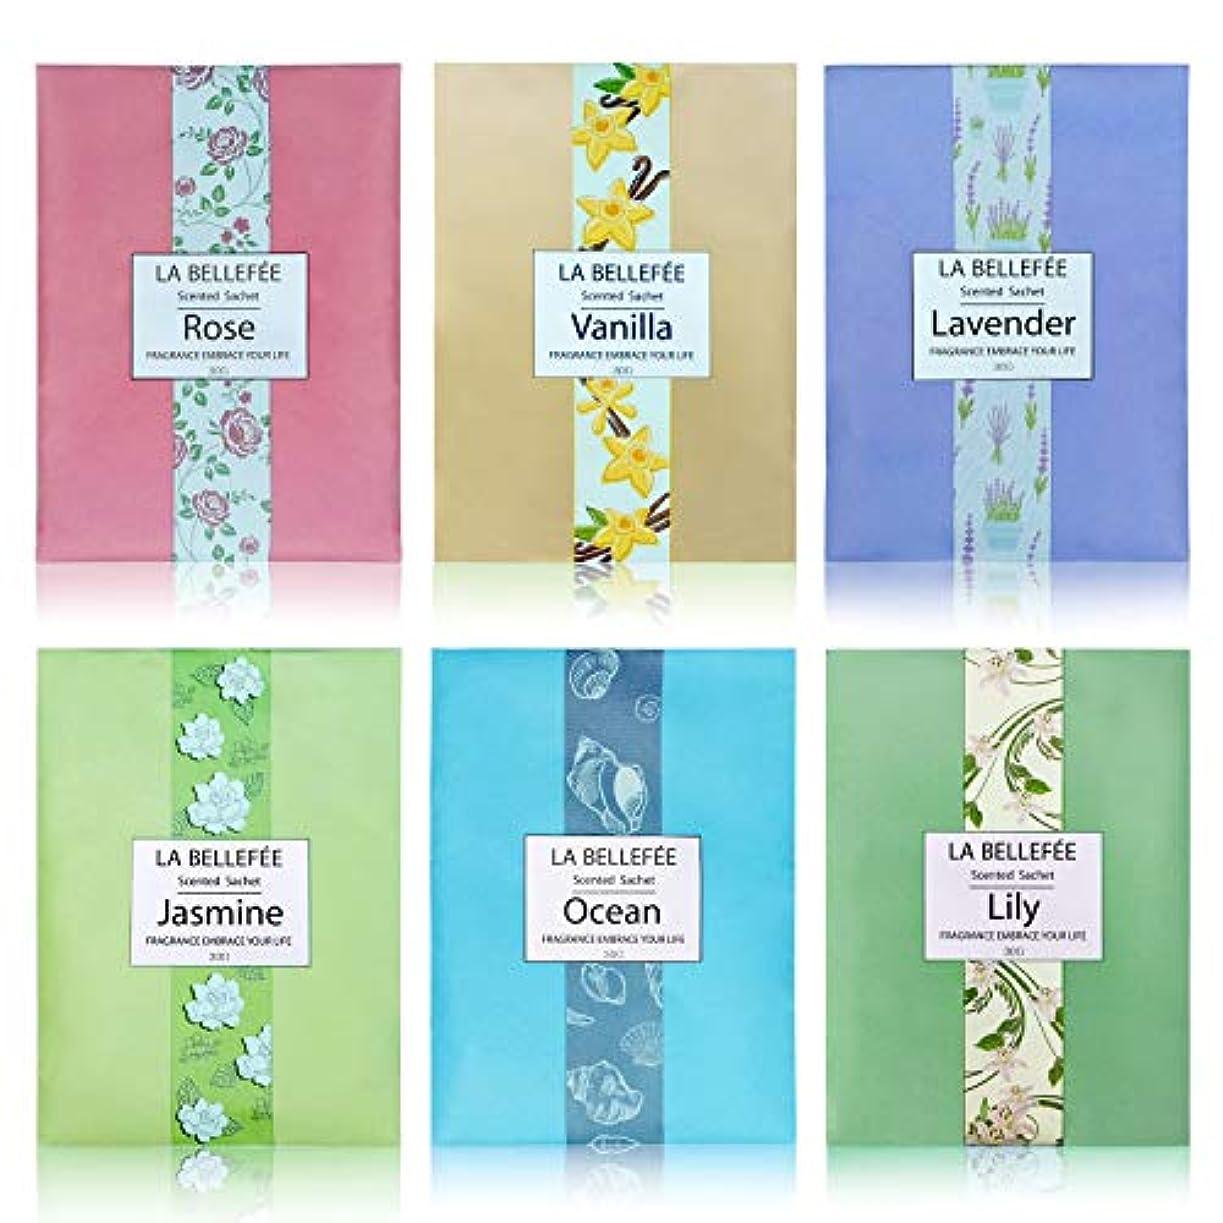 アナニバー海里物理的なLA BELLEFÉE 香り袋 サシェ フレンチマカロン 匂い袋 アロマ袋 香りサシェ 着物用 芳香剤 におい良い 花の香り 車内用 玄関用 部屋用 アロマブクロ 6種類の香り